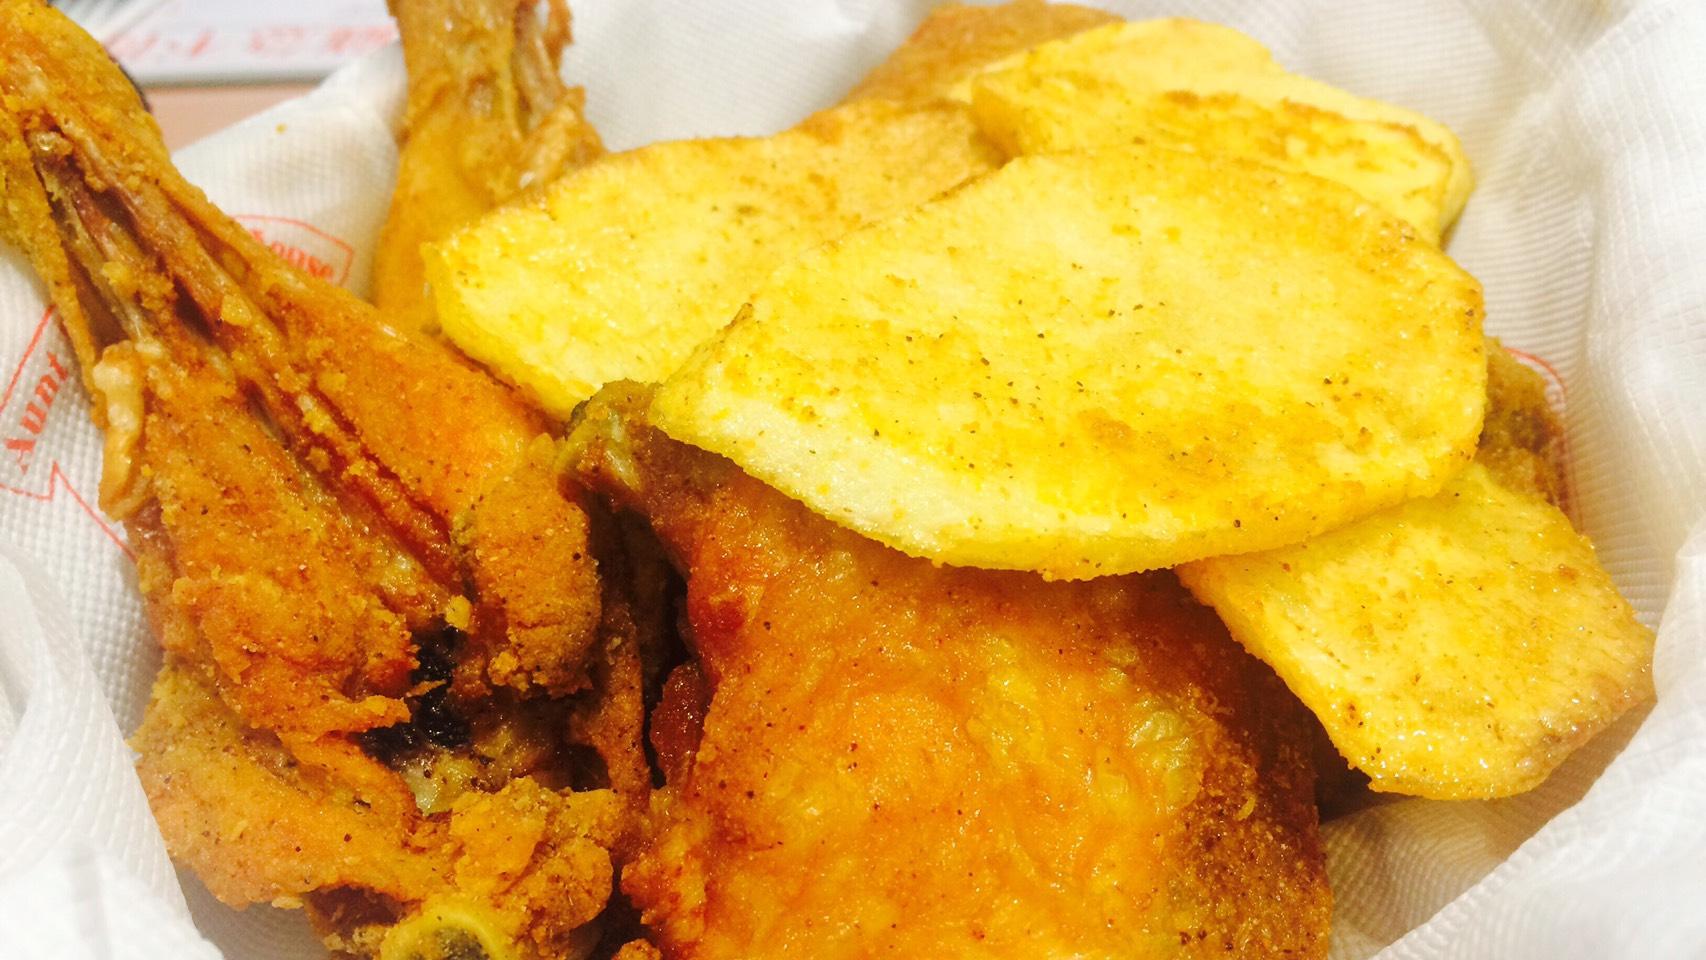 現代人習慣外食,經常食用高油高脂的食物。